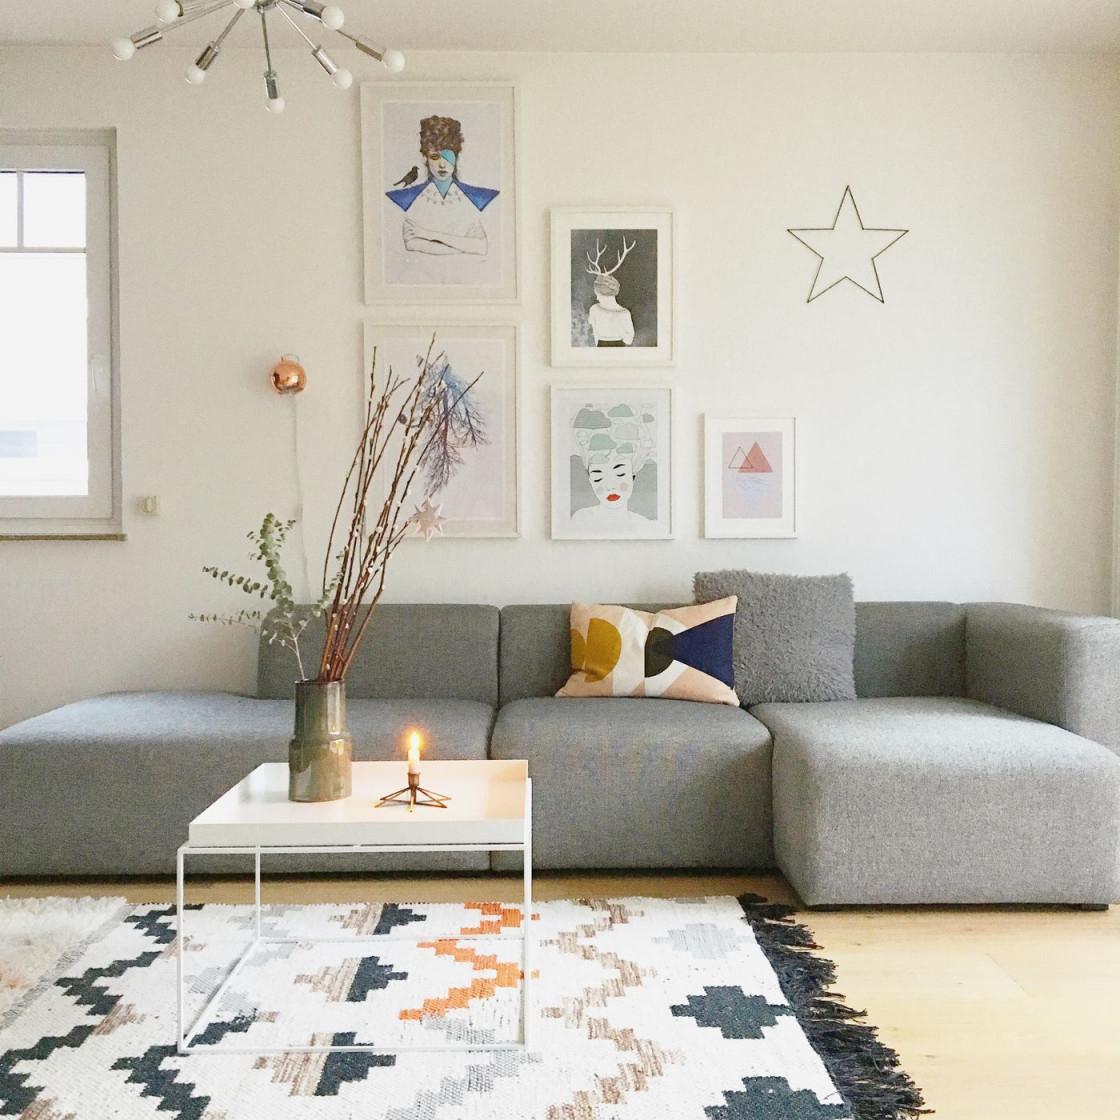 Die Besten Ideen Für Die Wandgestaltung Im Wohnzimmer von Moderne Wohnzimmer Wandgestaltung Bild